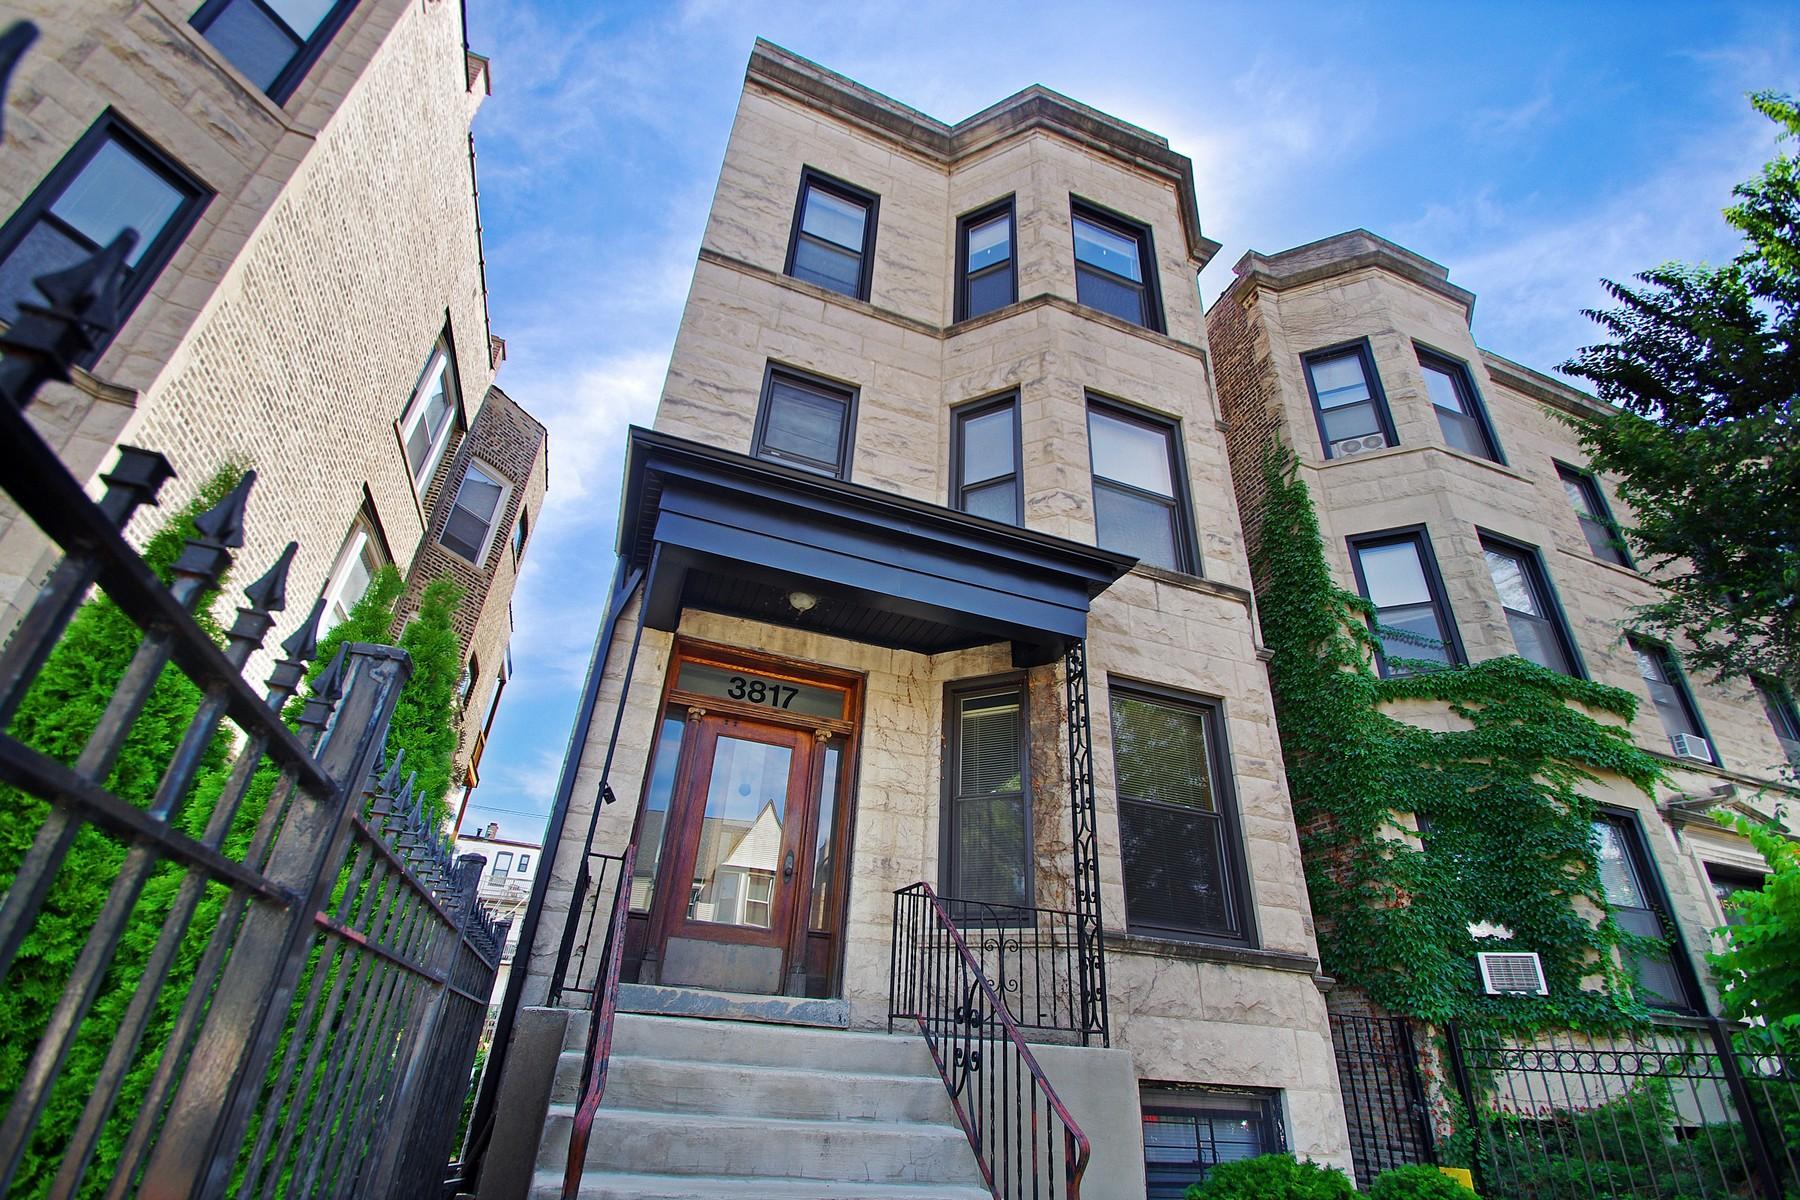 Многосемейный дом для того Продажа на Rare Opportunity for Investment 3817 N Wilton Lakeview, Chicago, Иллинойс 60613 Соединенные Штаты